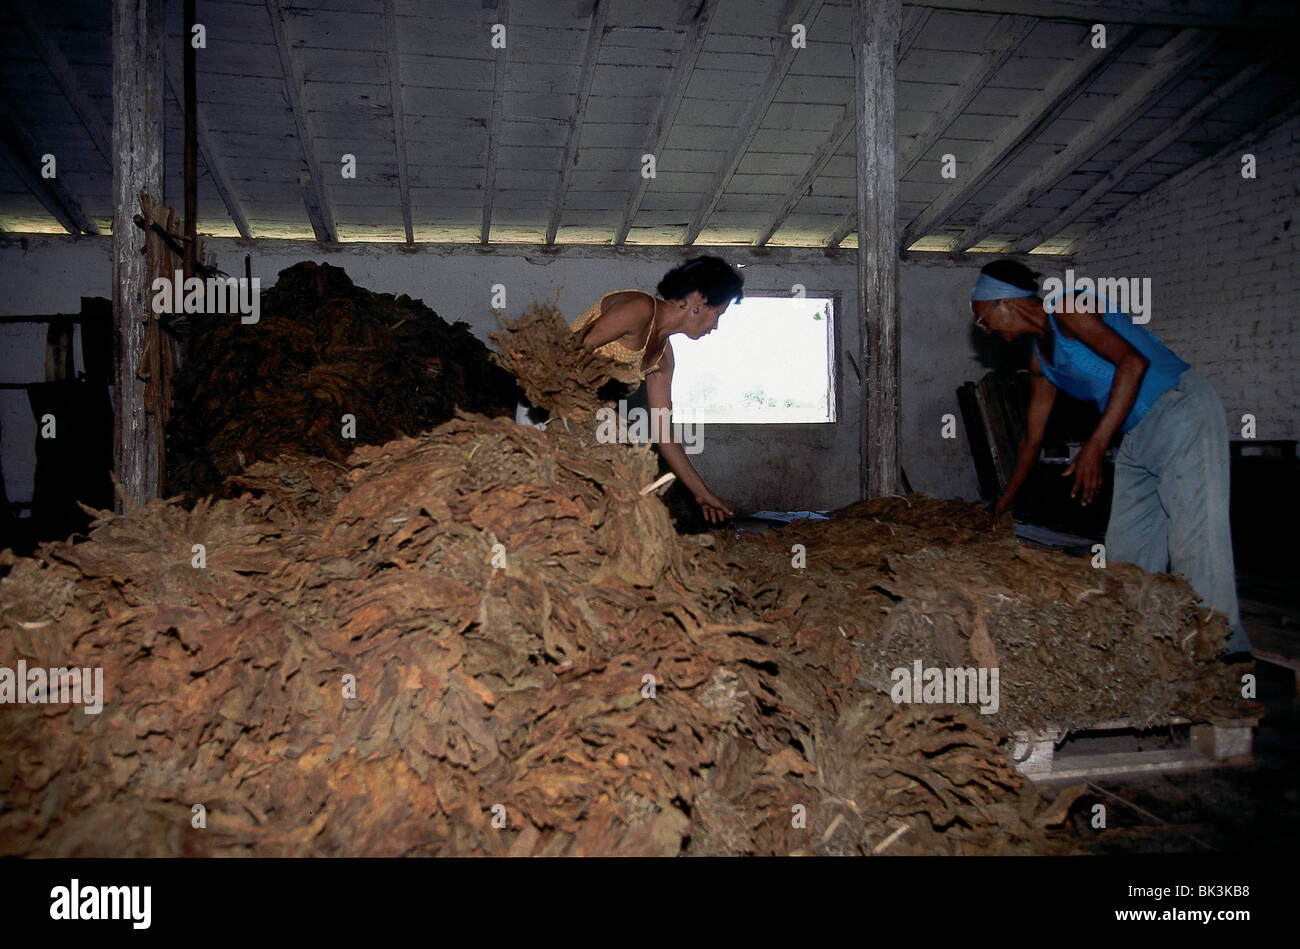 Farm workers sorting tobacco in Pinar del Rio Province, near Sora, Cuba - Stock Image